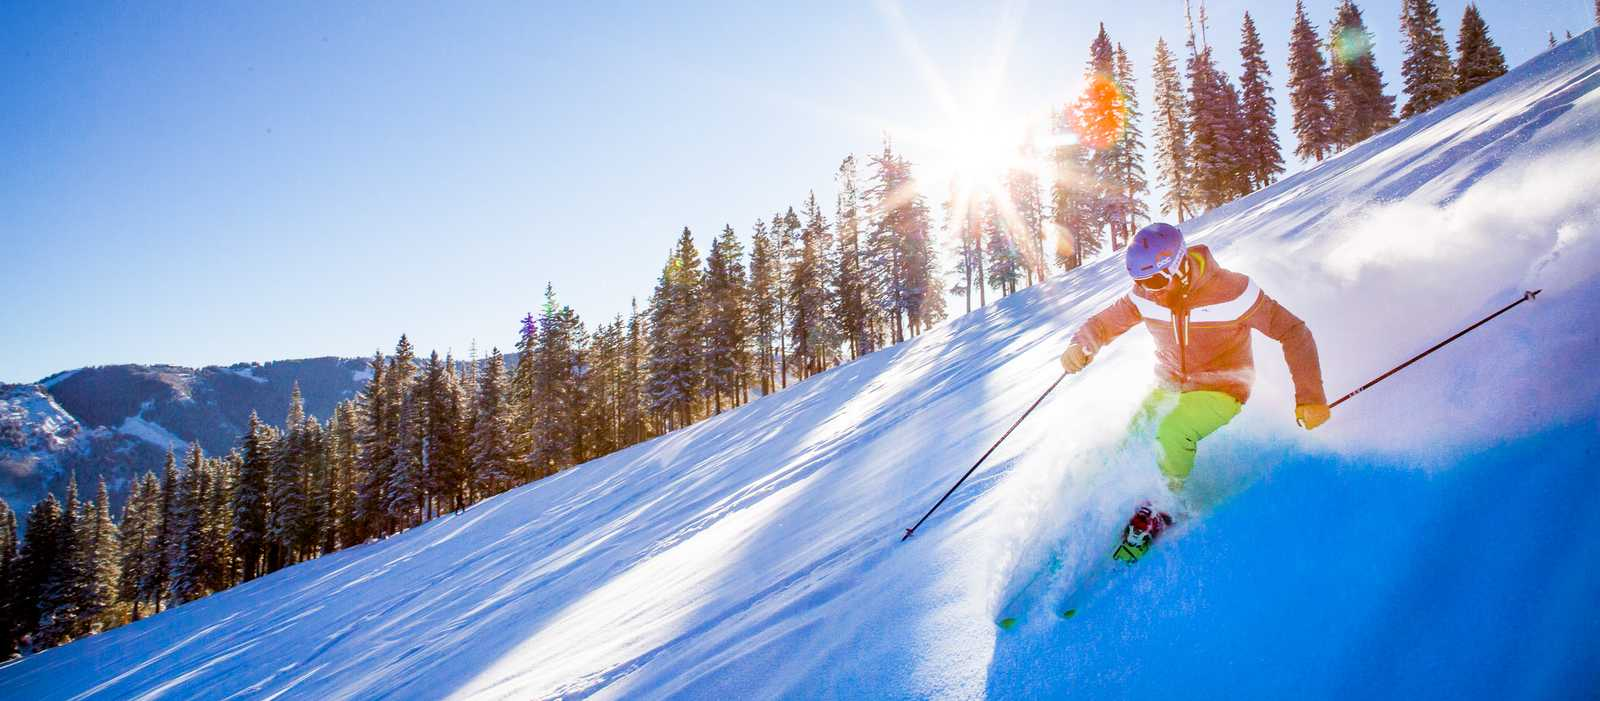 Der Start in die Ski-Saison 2017/18 in Aspen Snowmass